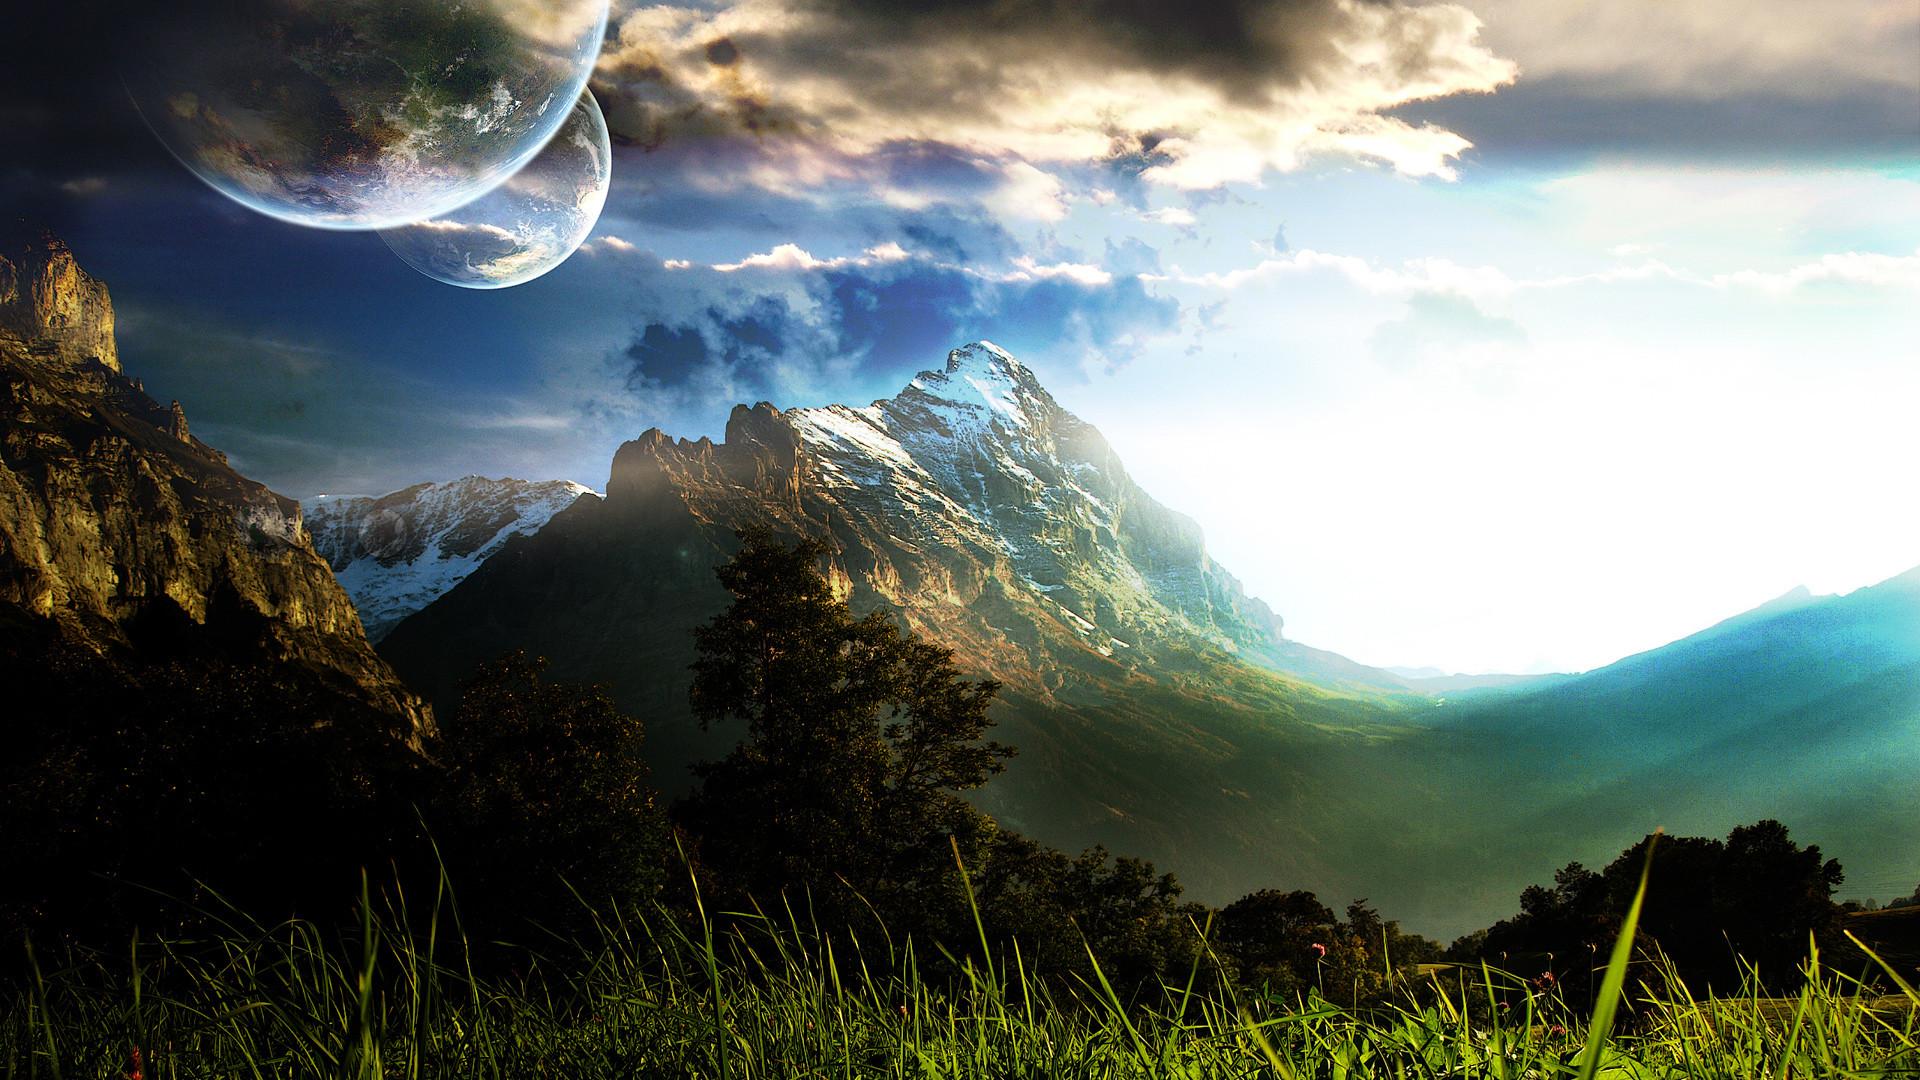 Sci Fi Landscape HD Wallpaper Desktop #7zk px 1.02 MB MovieDark  Fantasy. Widescreen